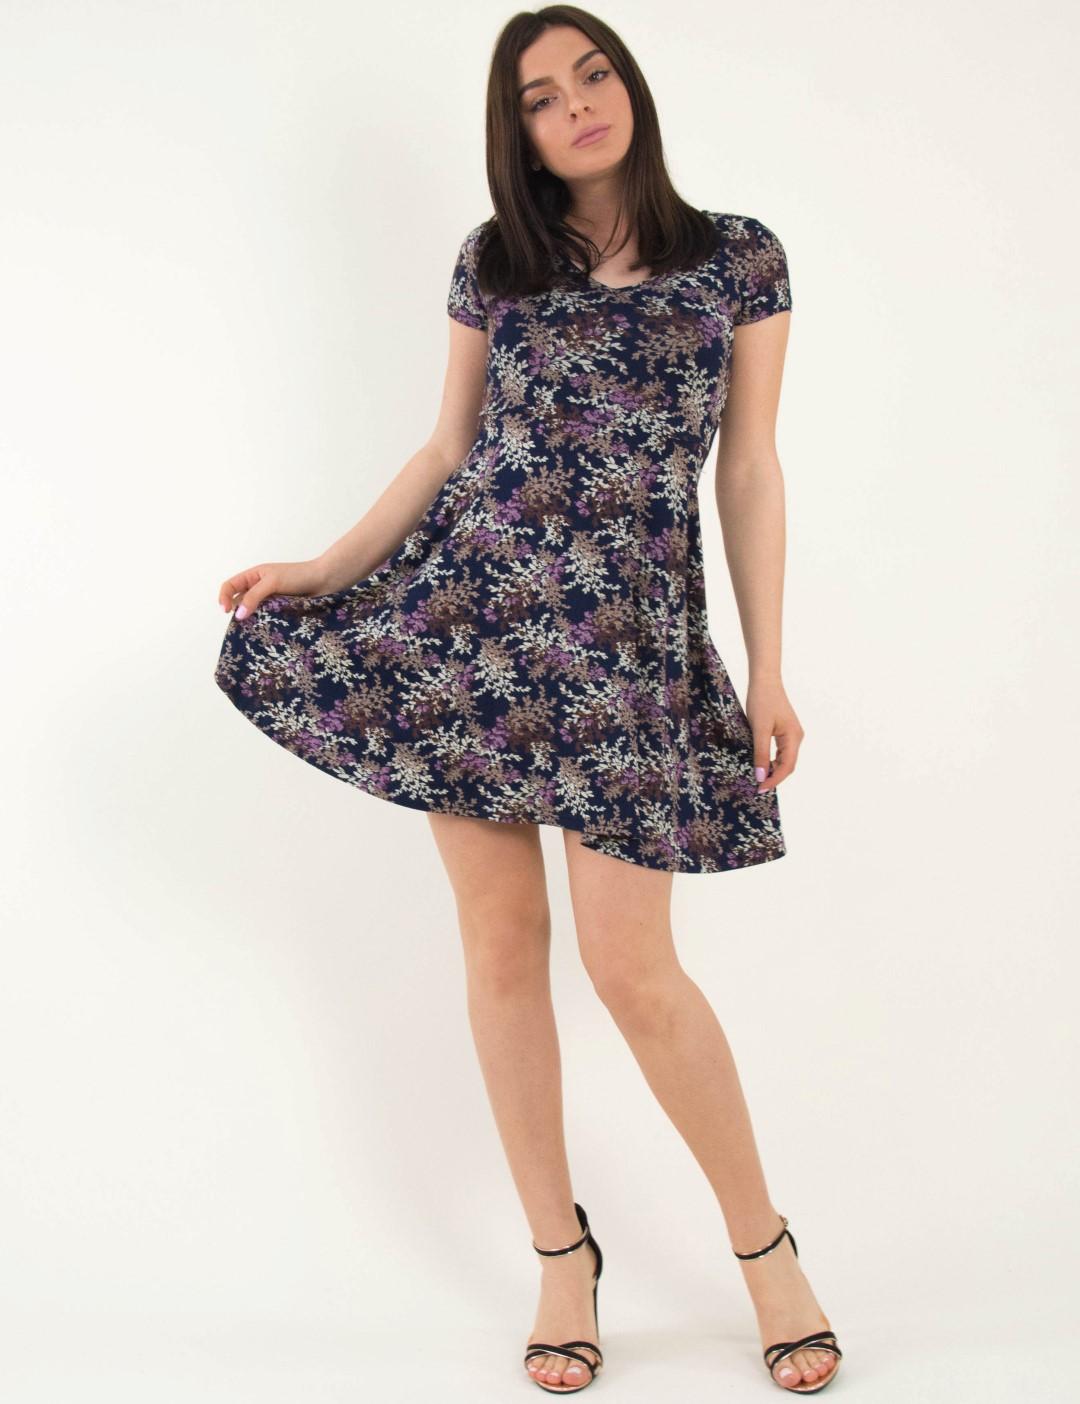 b5db7f7fa04b Γυναικείο μωβ φόρεμα μίνι κλος φλοράλ Benisssimo 91004L